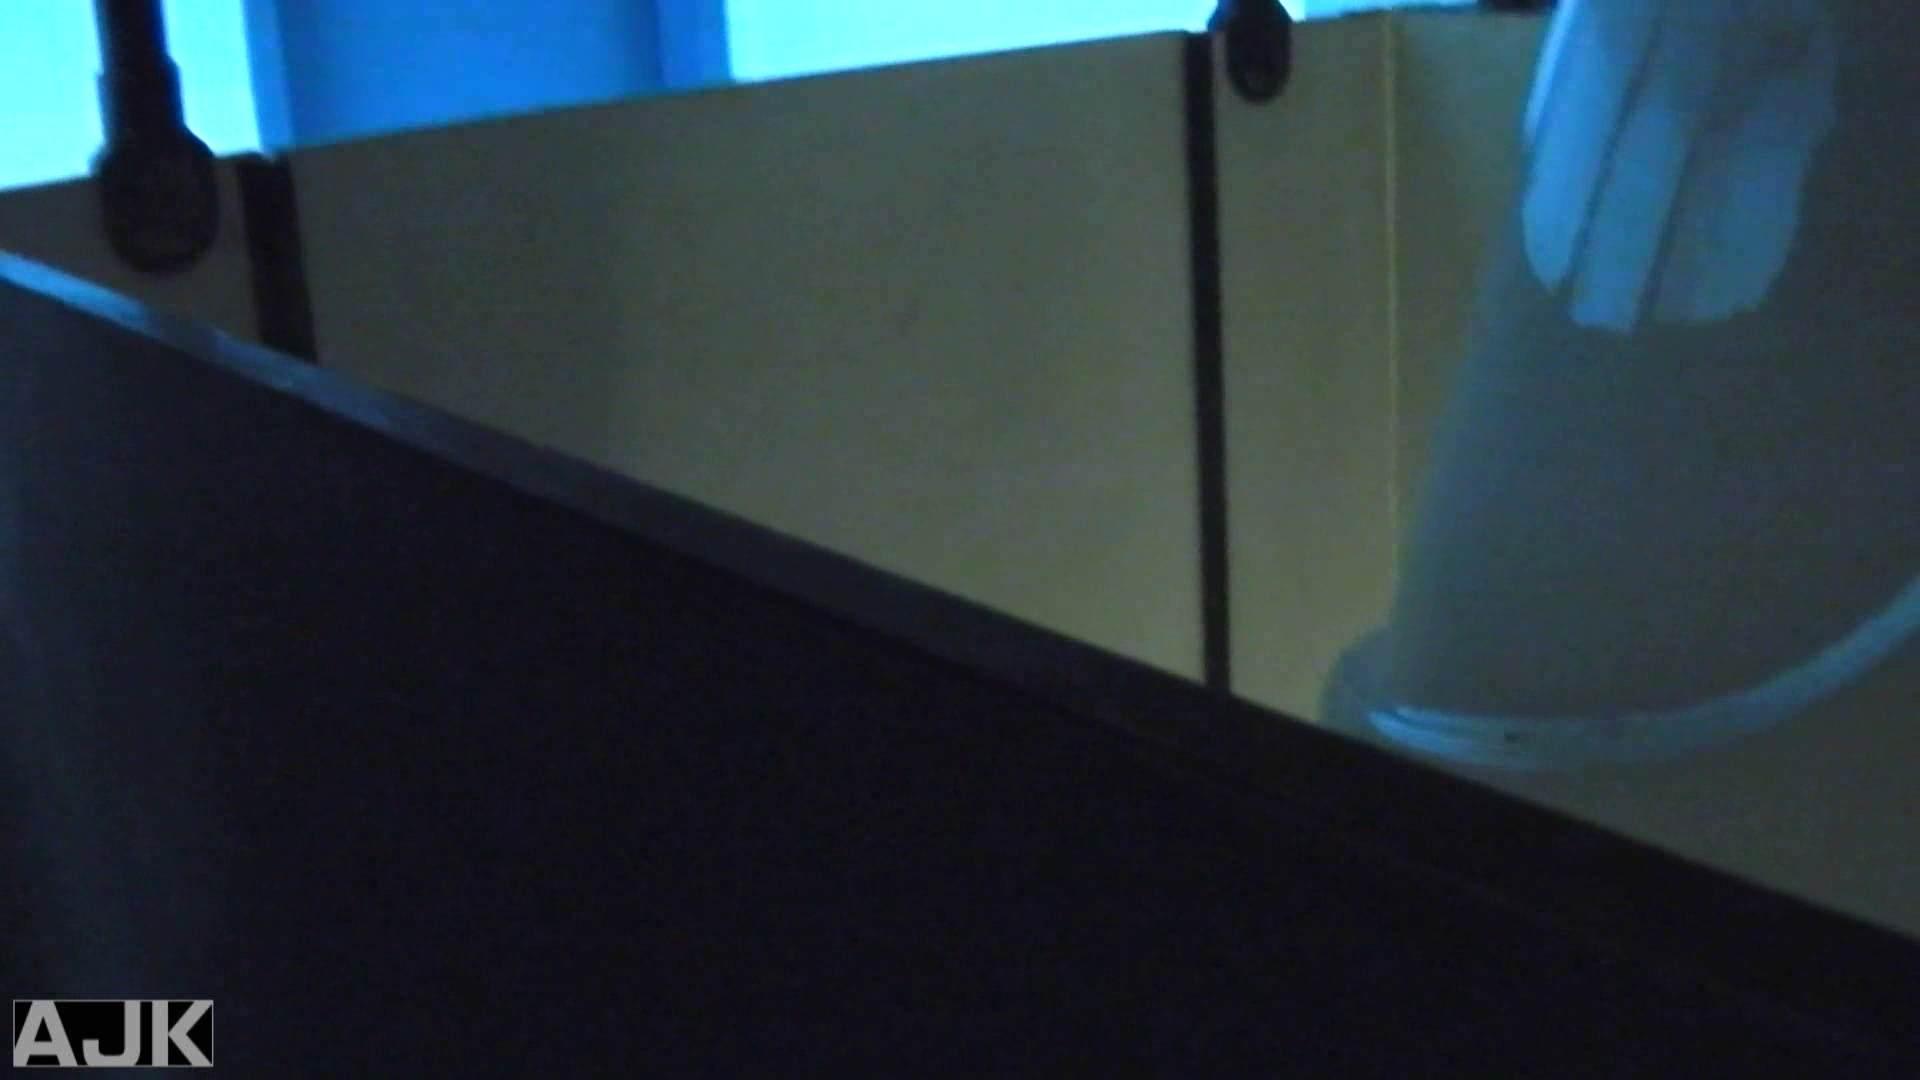 神降臨!史上最強の潜入かわや! vol.13 盗撮 アダルト動画キャプチャ 91連発 44